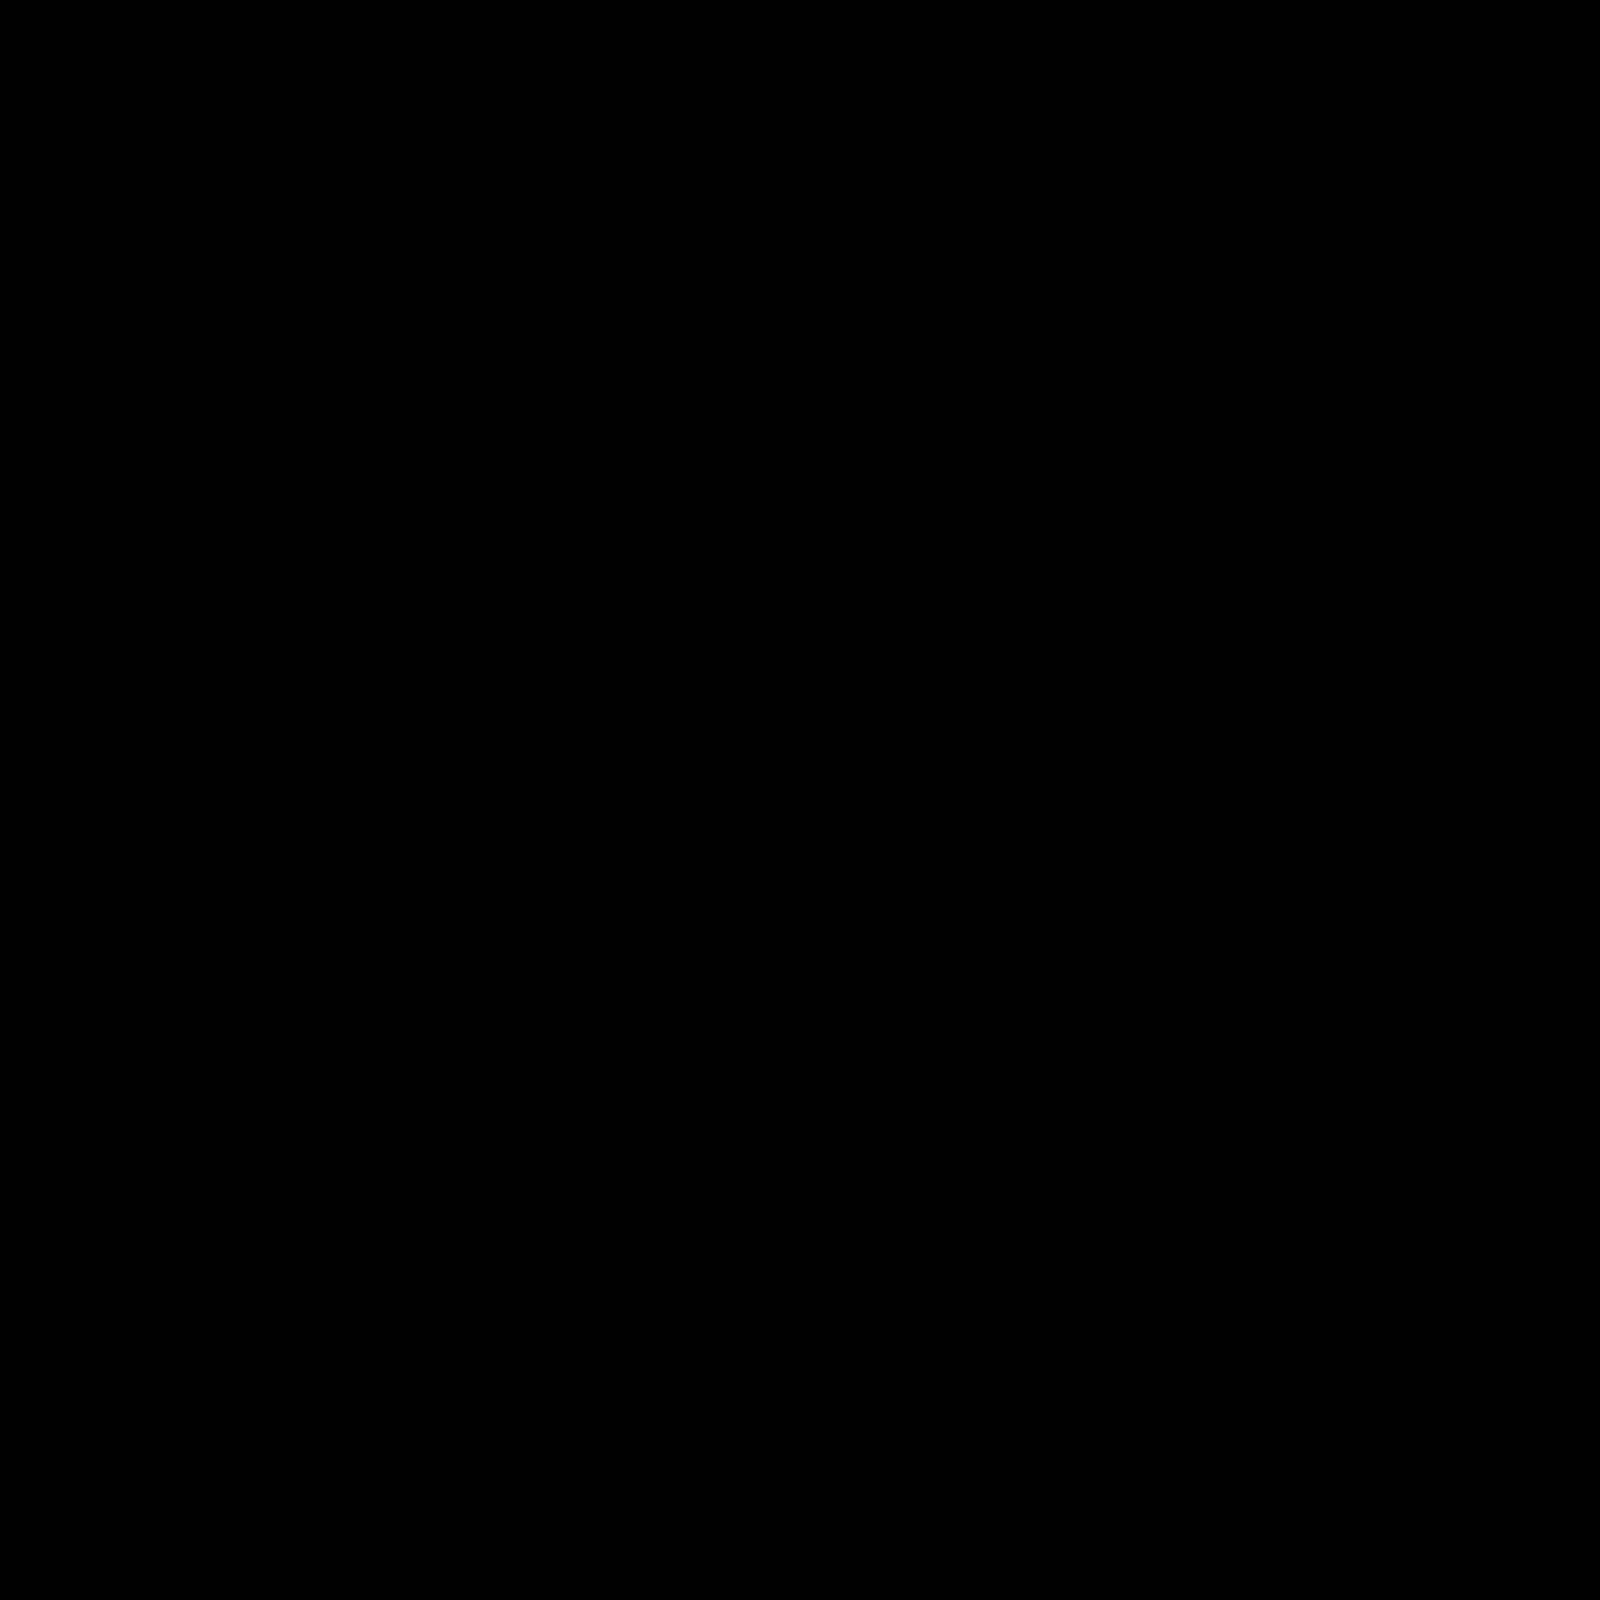 Struktura drzewa icon